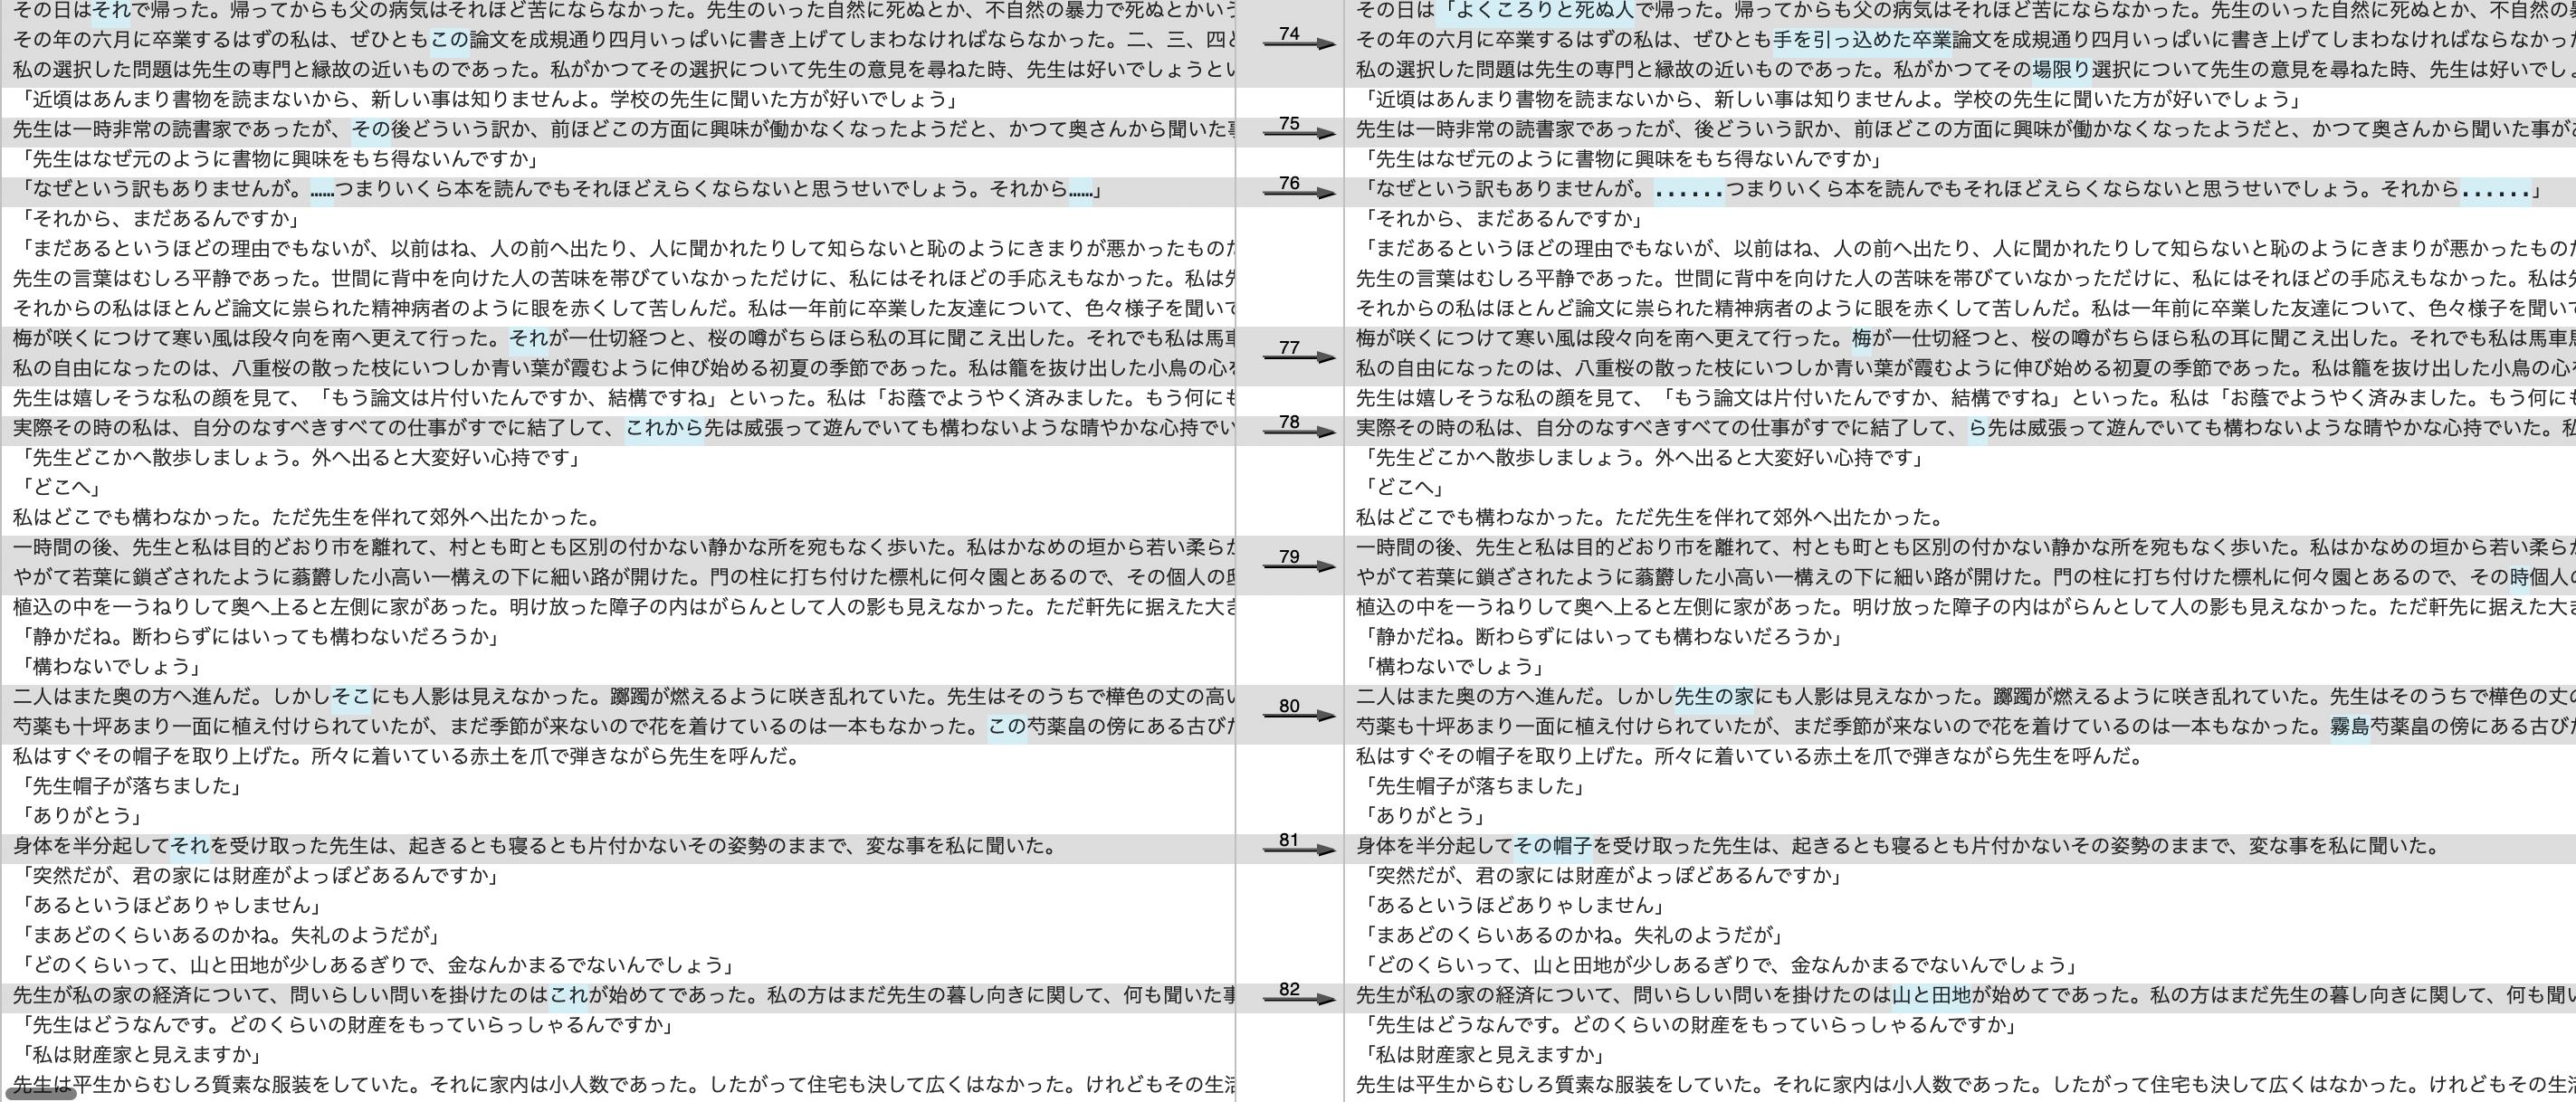 スクリーンショット 2020-03-04 1.53.24.png